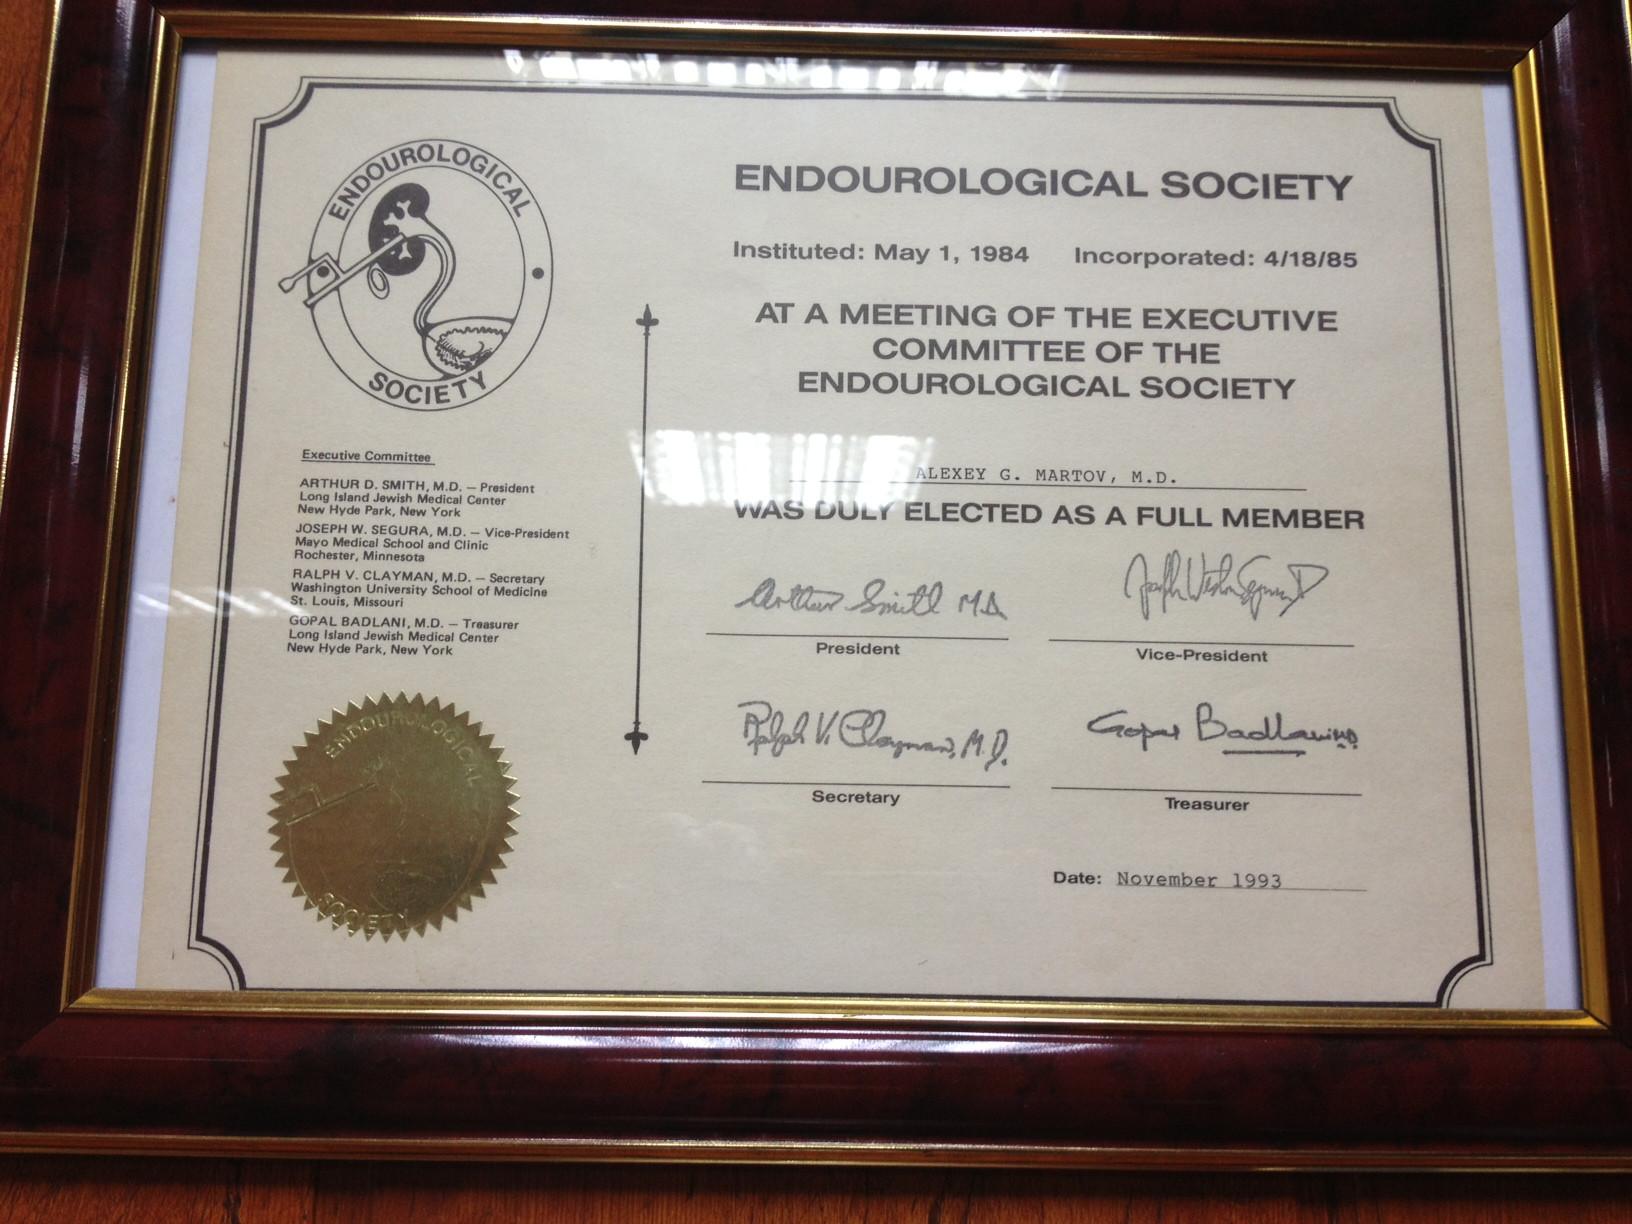 Сертификат о членстве в Всемирной Ассоциации Эндоурологов.